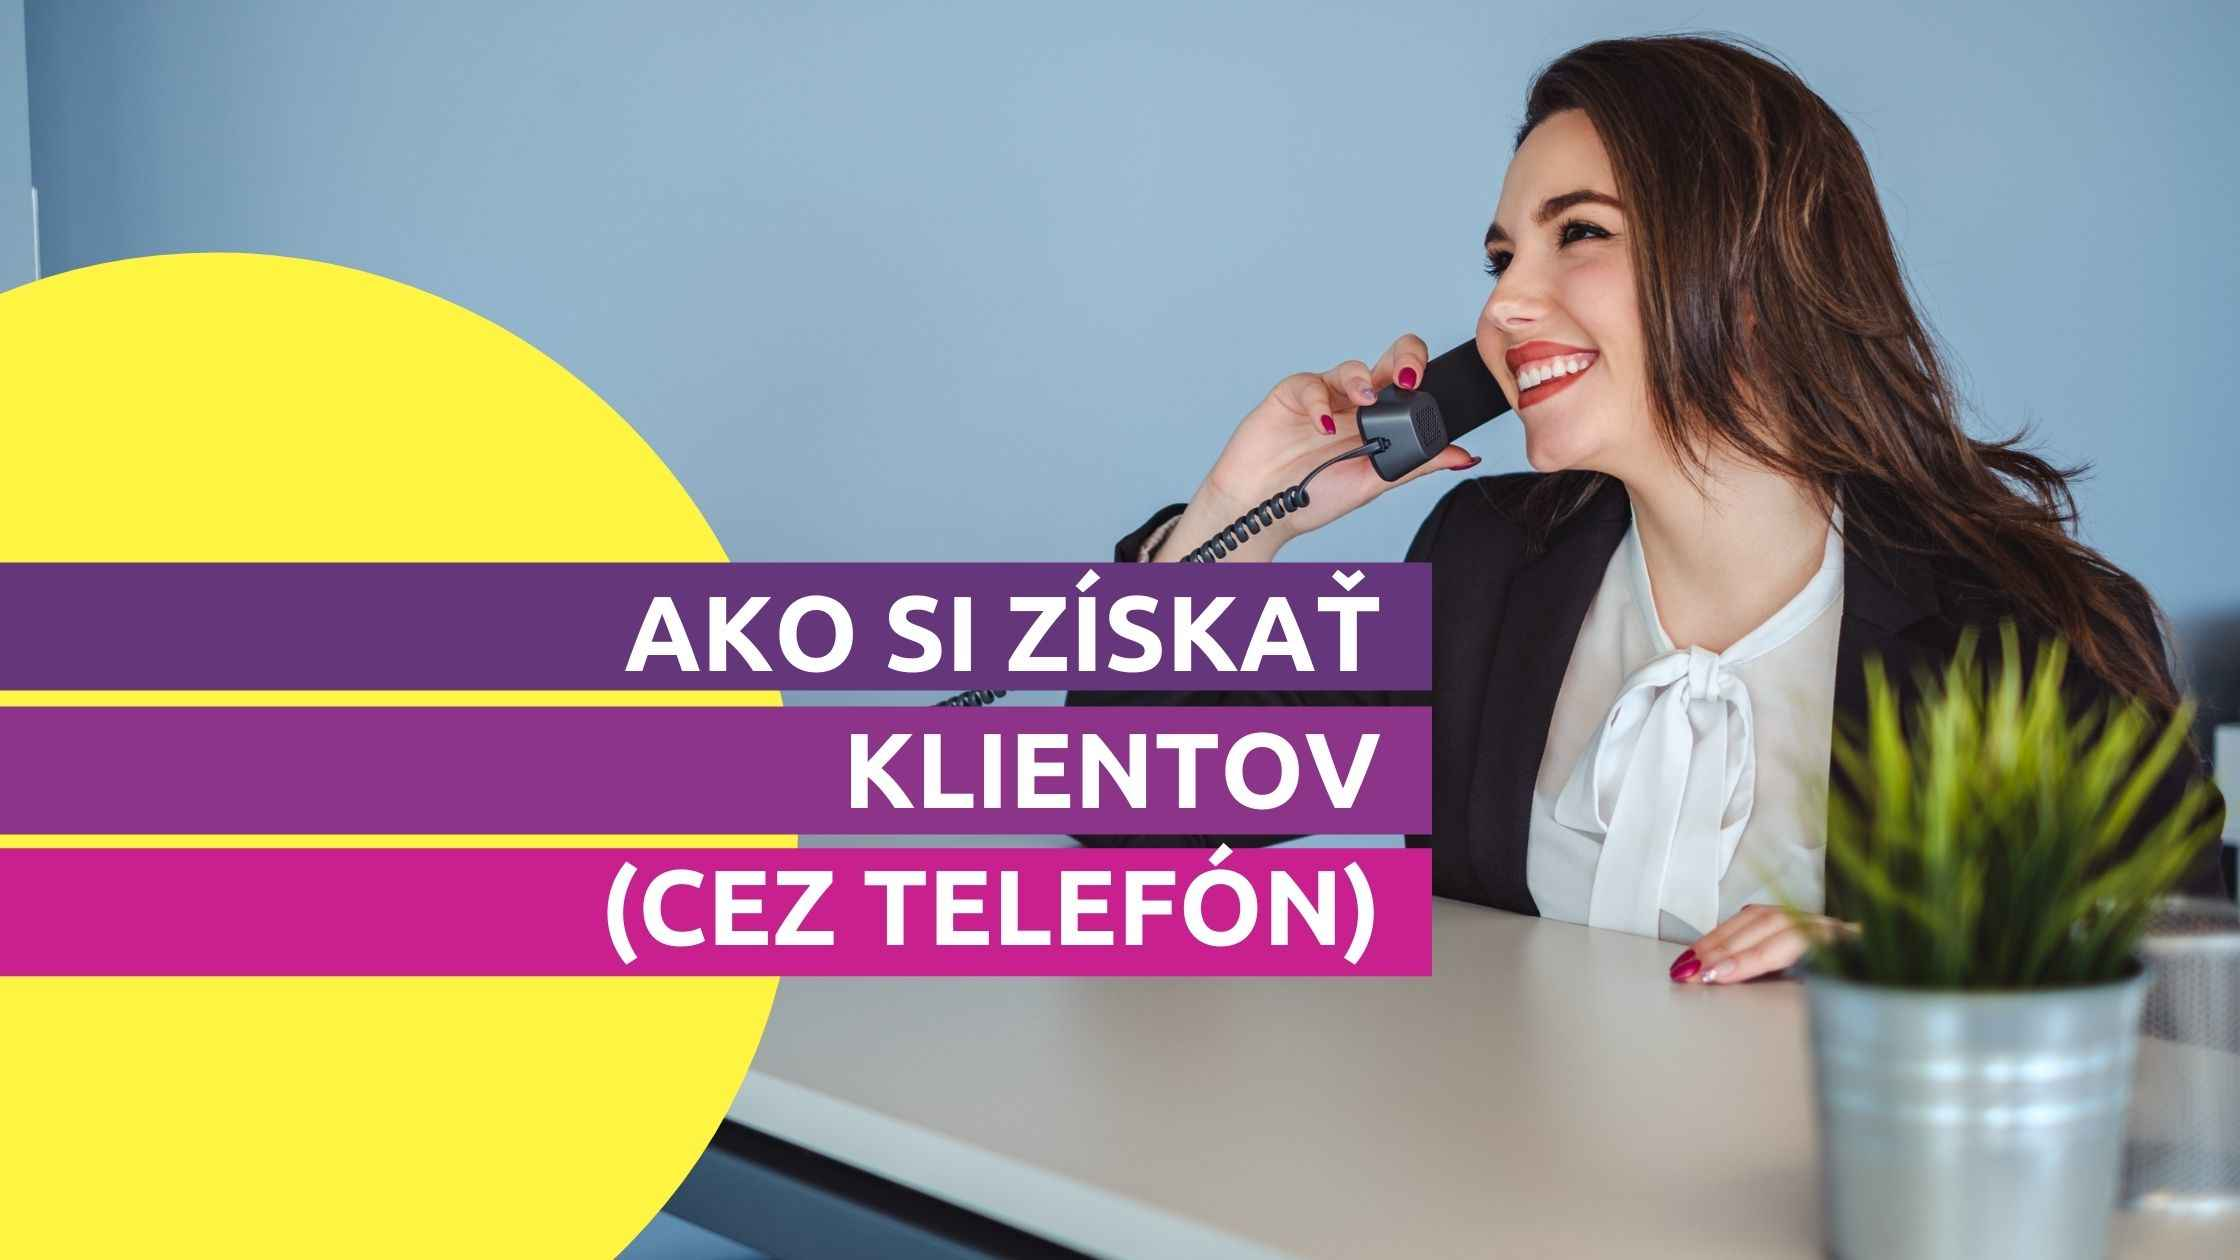 Článok na Marketing pre salóny: Ako si získať klientov cez telefón